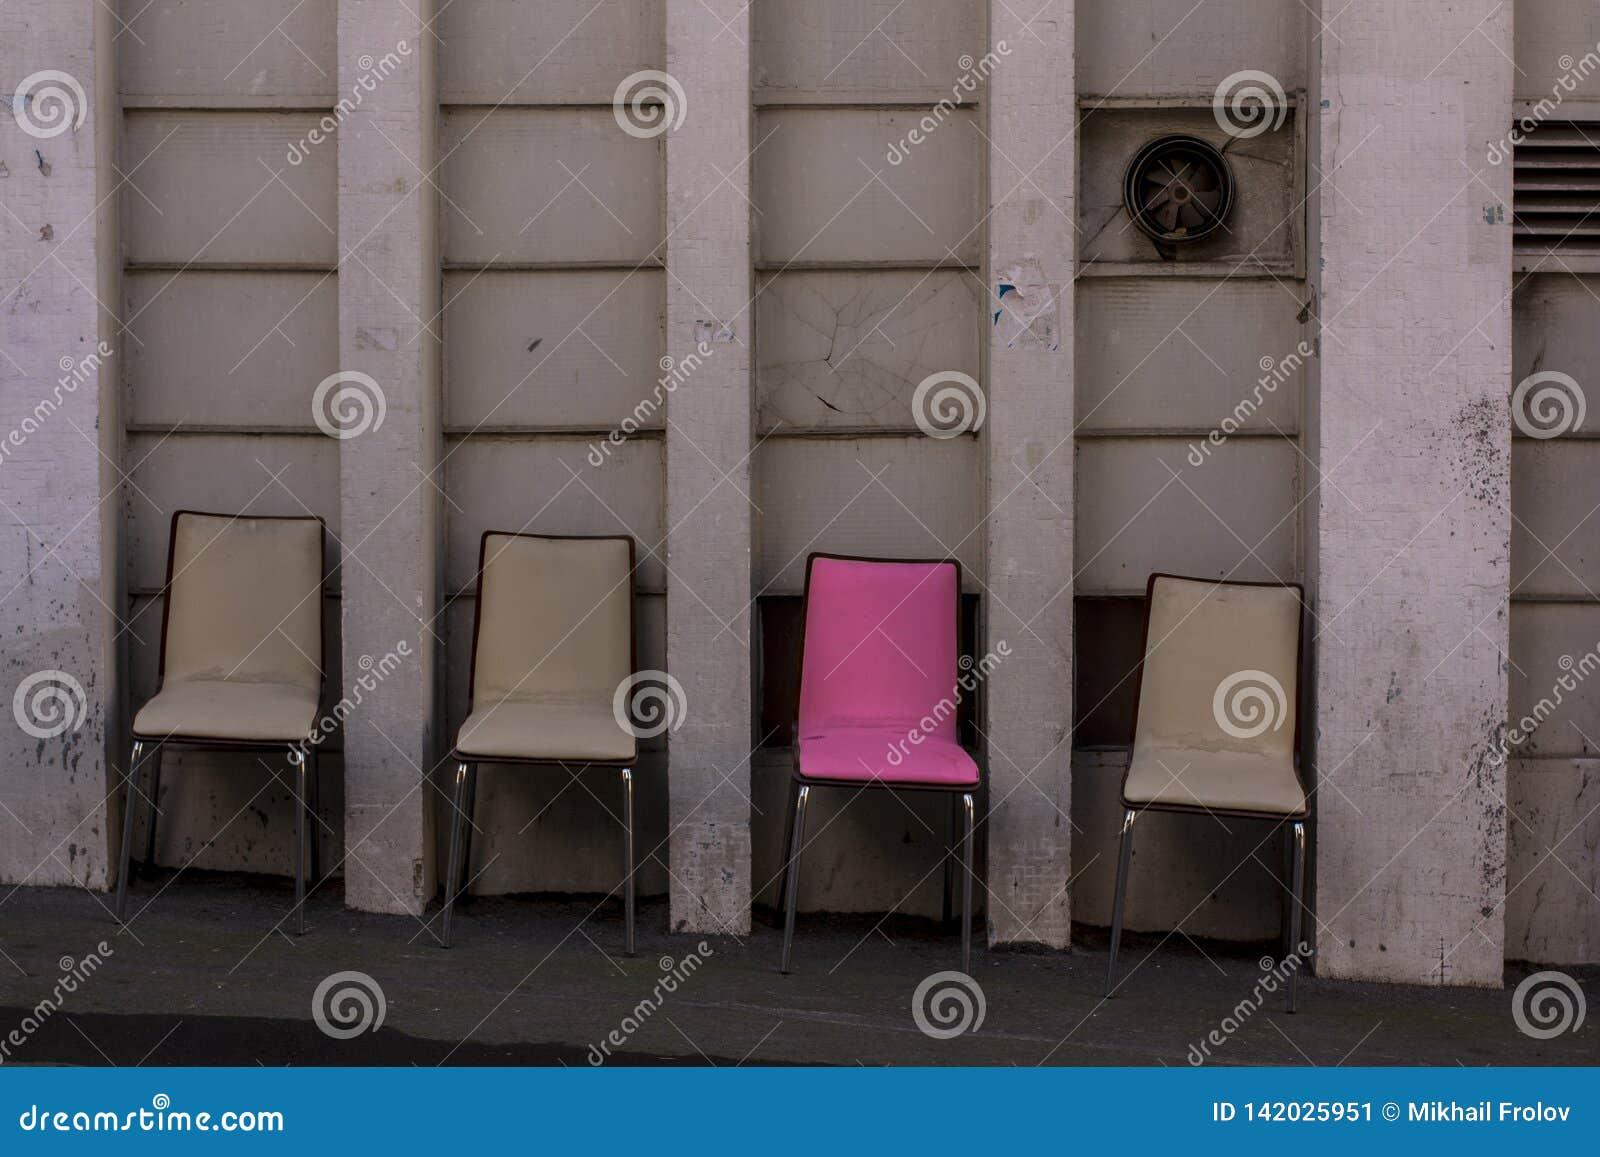 Τέσσερις καρέκλες και κάποια είναι ειδικές Ρόδινη μοναδική καρέκλα